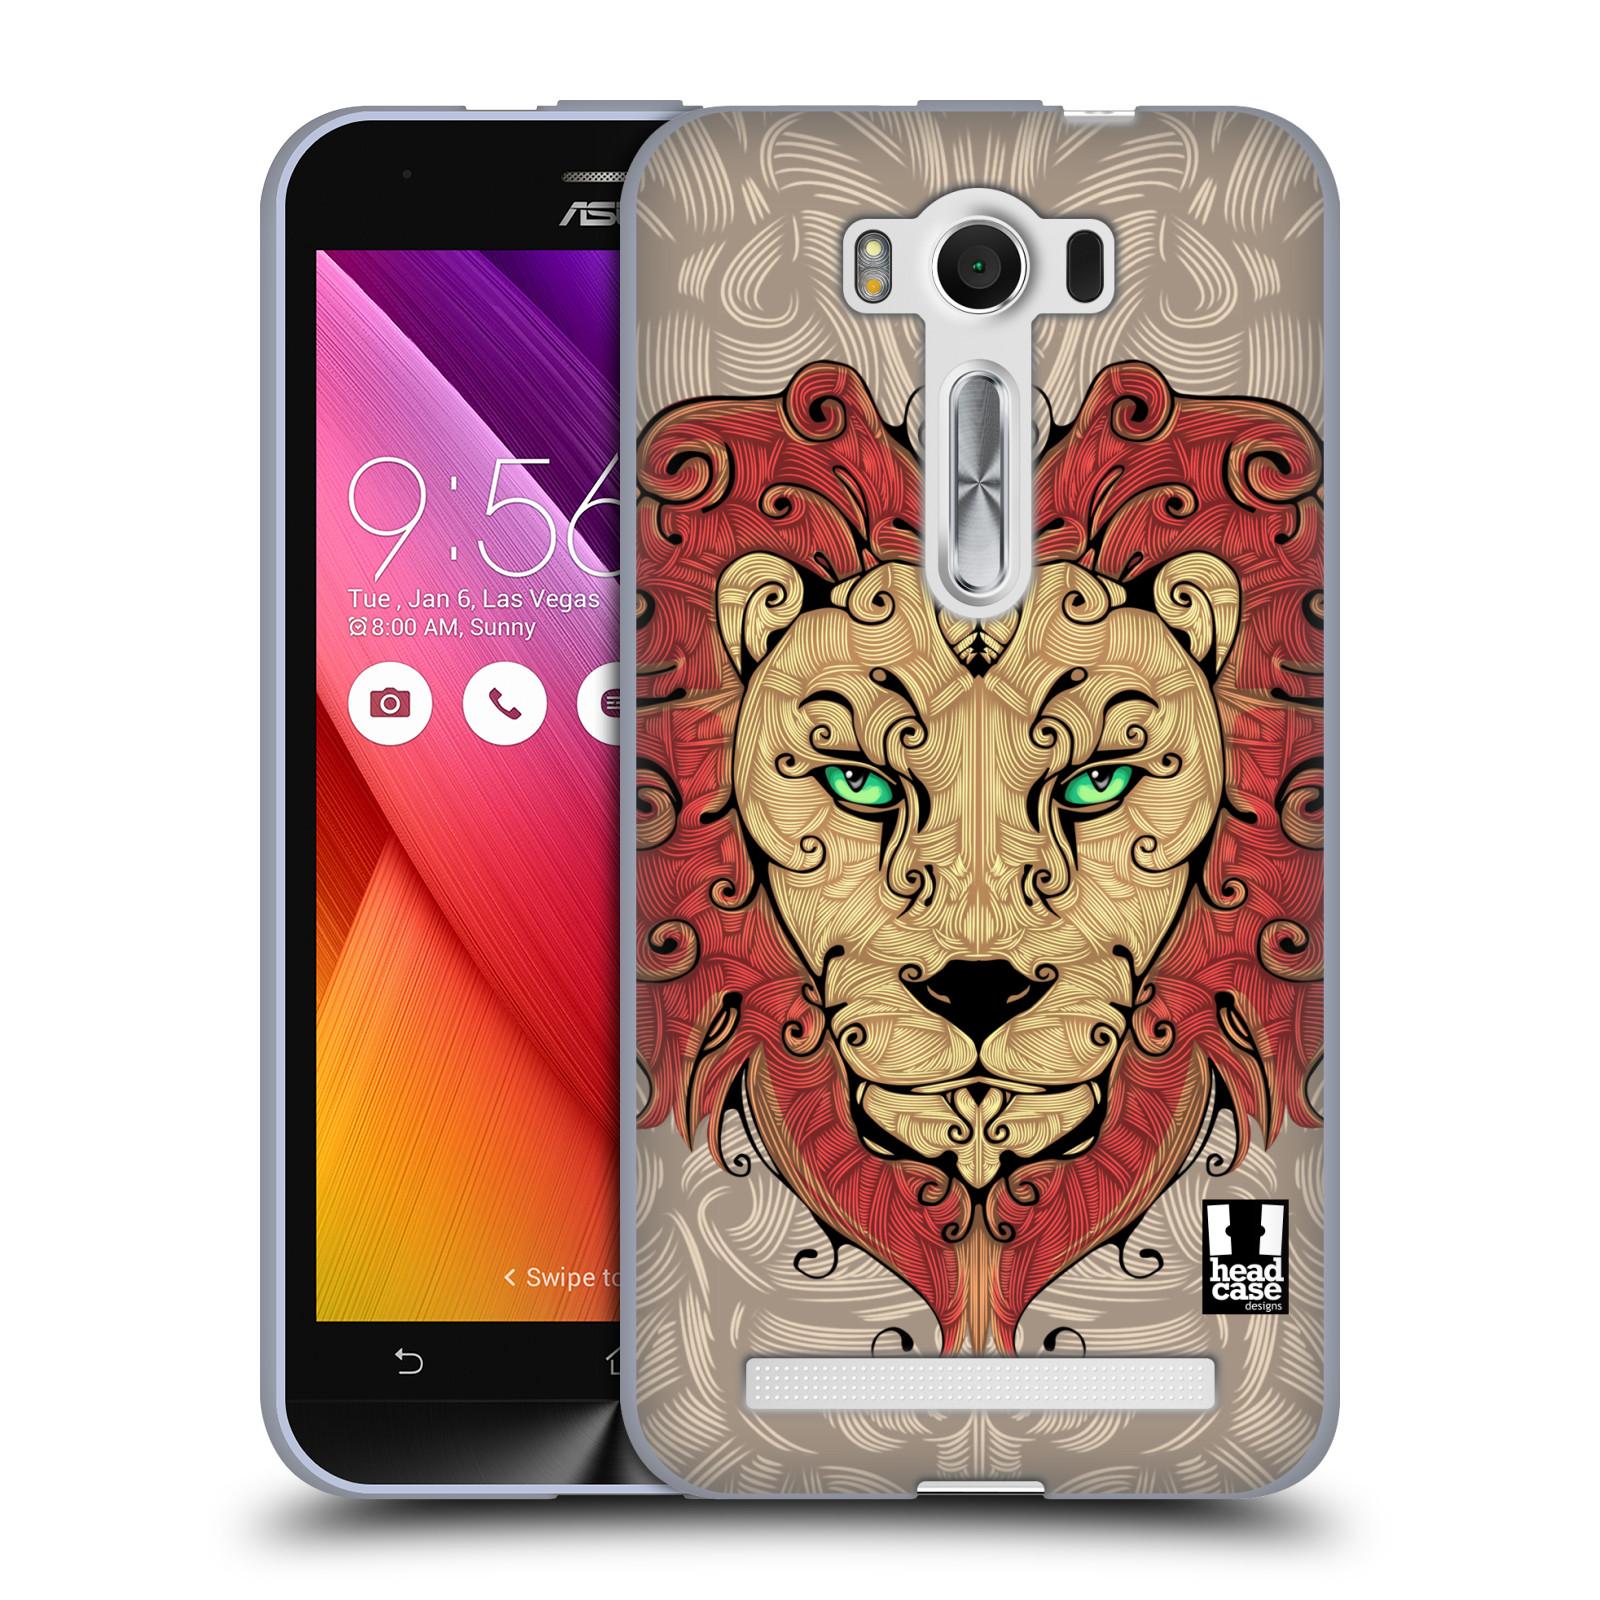 """HEAD CASE silikonový obal na mobil Asus Zenfone 2 LASER (ZE500KL s 5"""" displejem) vzor kudrlinky zvíře lev"""